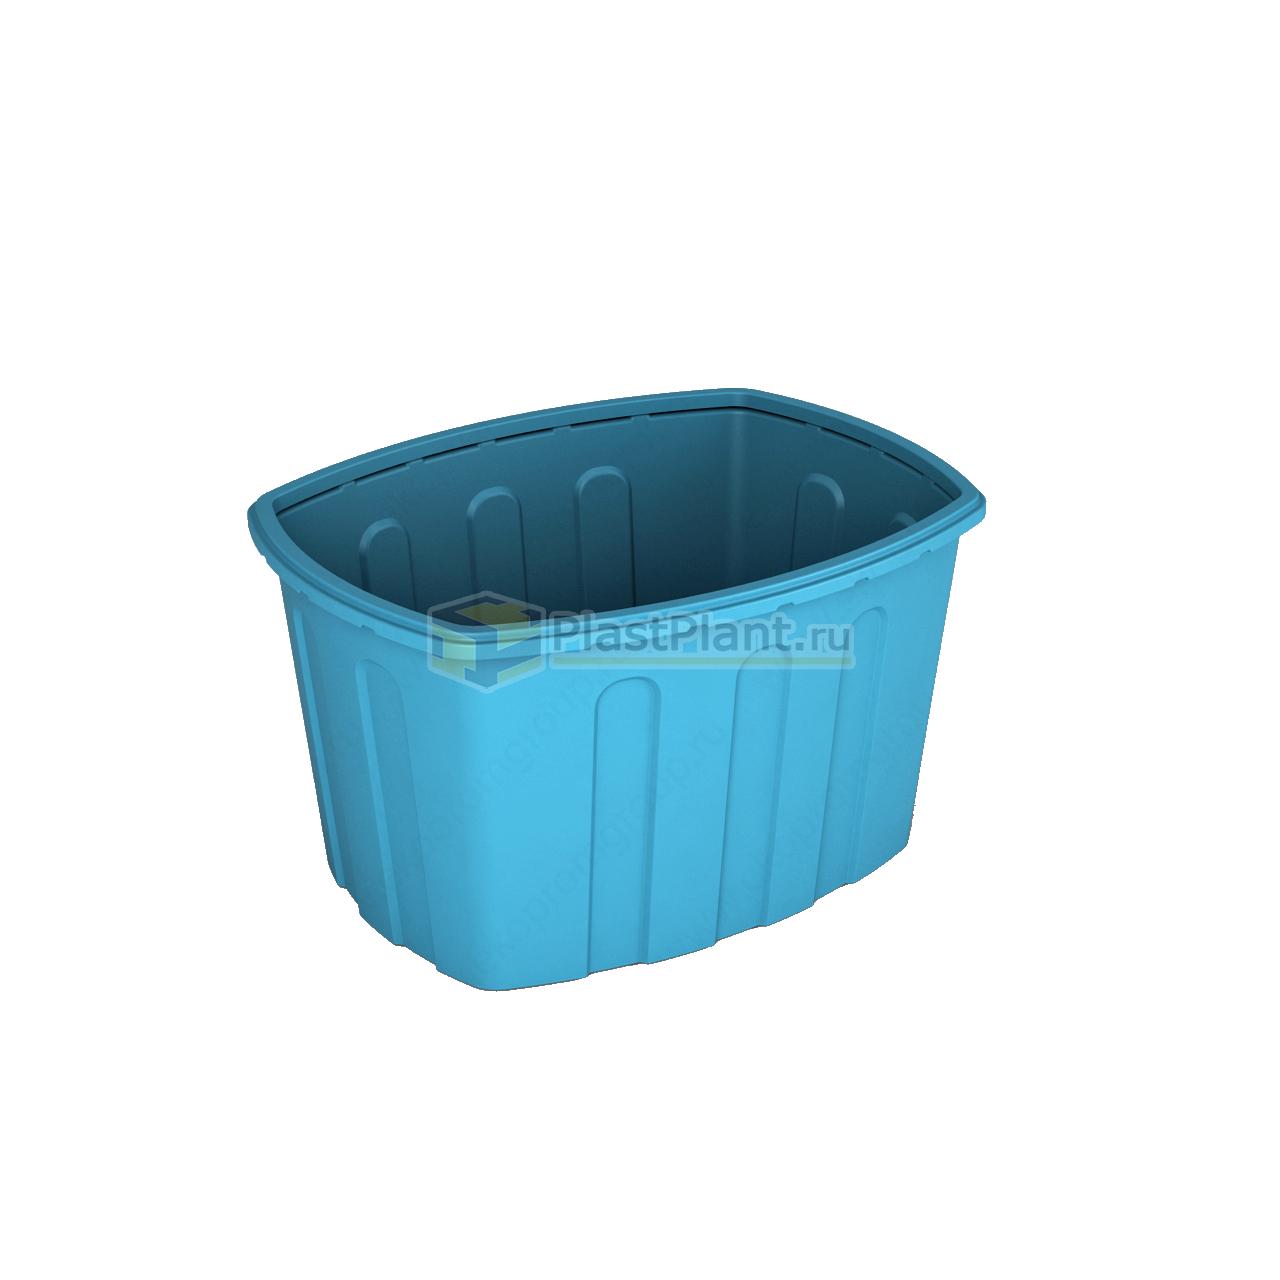 Пластиковая ванна 200 литров купить в компании ПластПлэнт